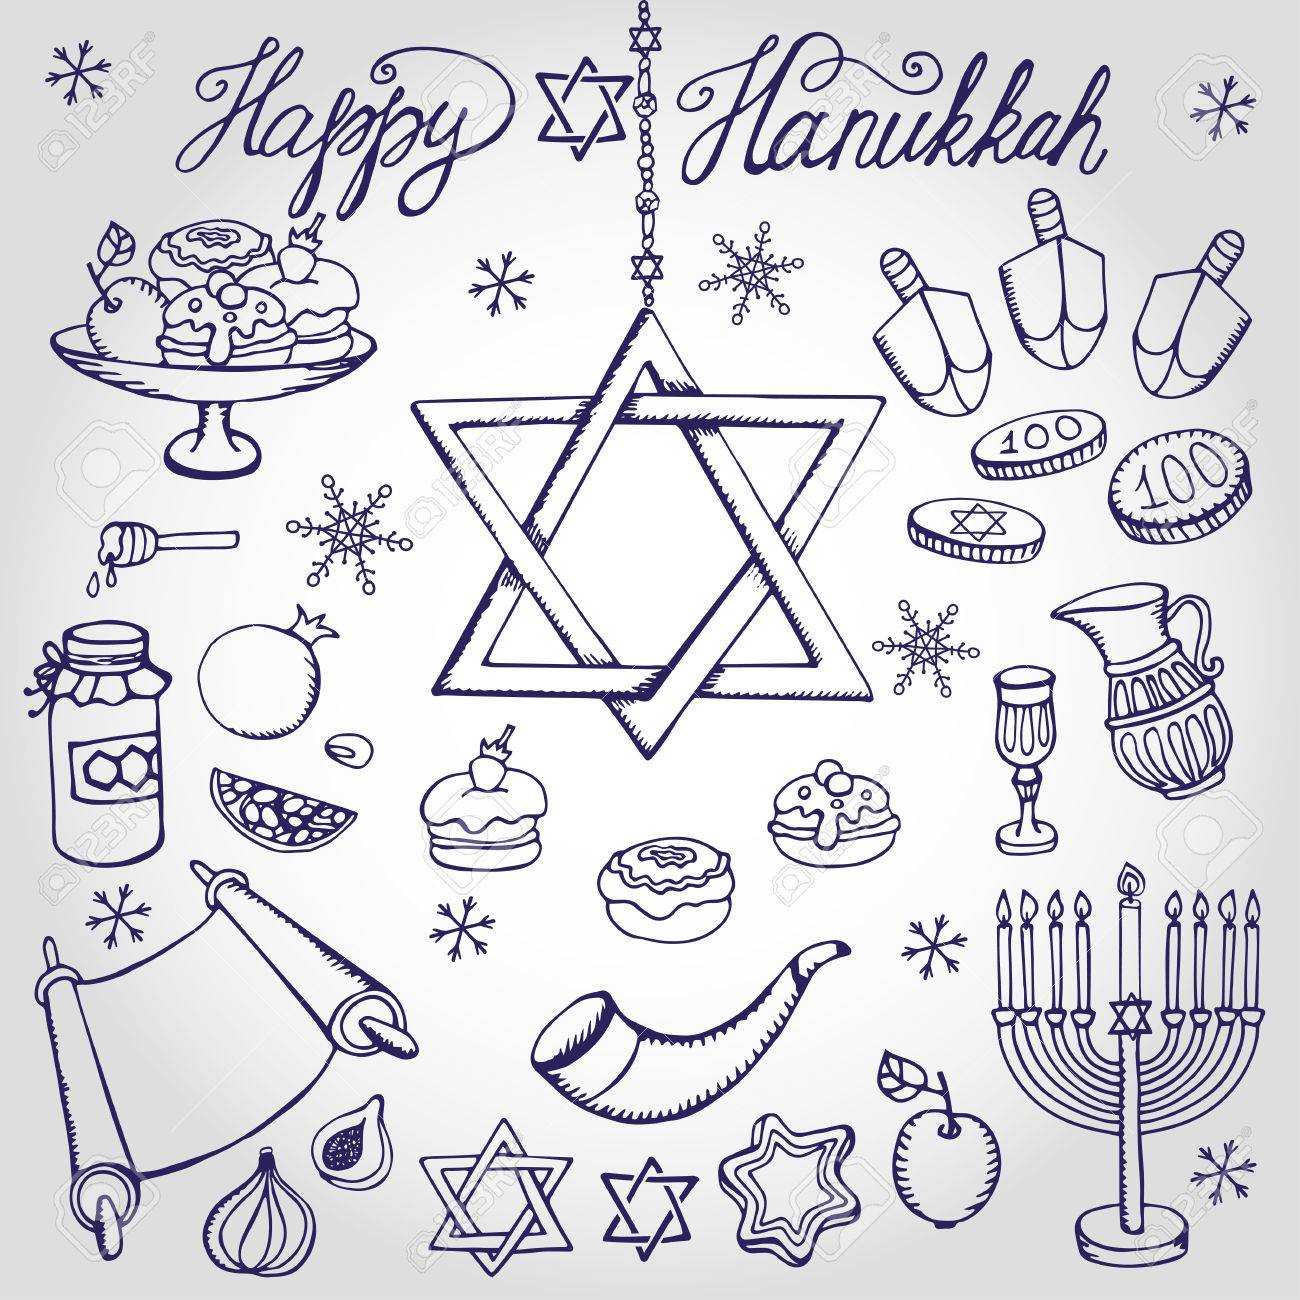 Símbolos De Hanukkah Mano Setdoodle Dibujo Iconos De Fiesta Judío Elementos De Decoración Setswet Menorah Estrella De Davidisrael Vector